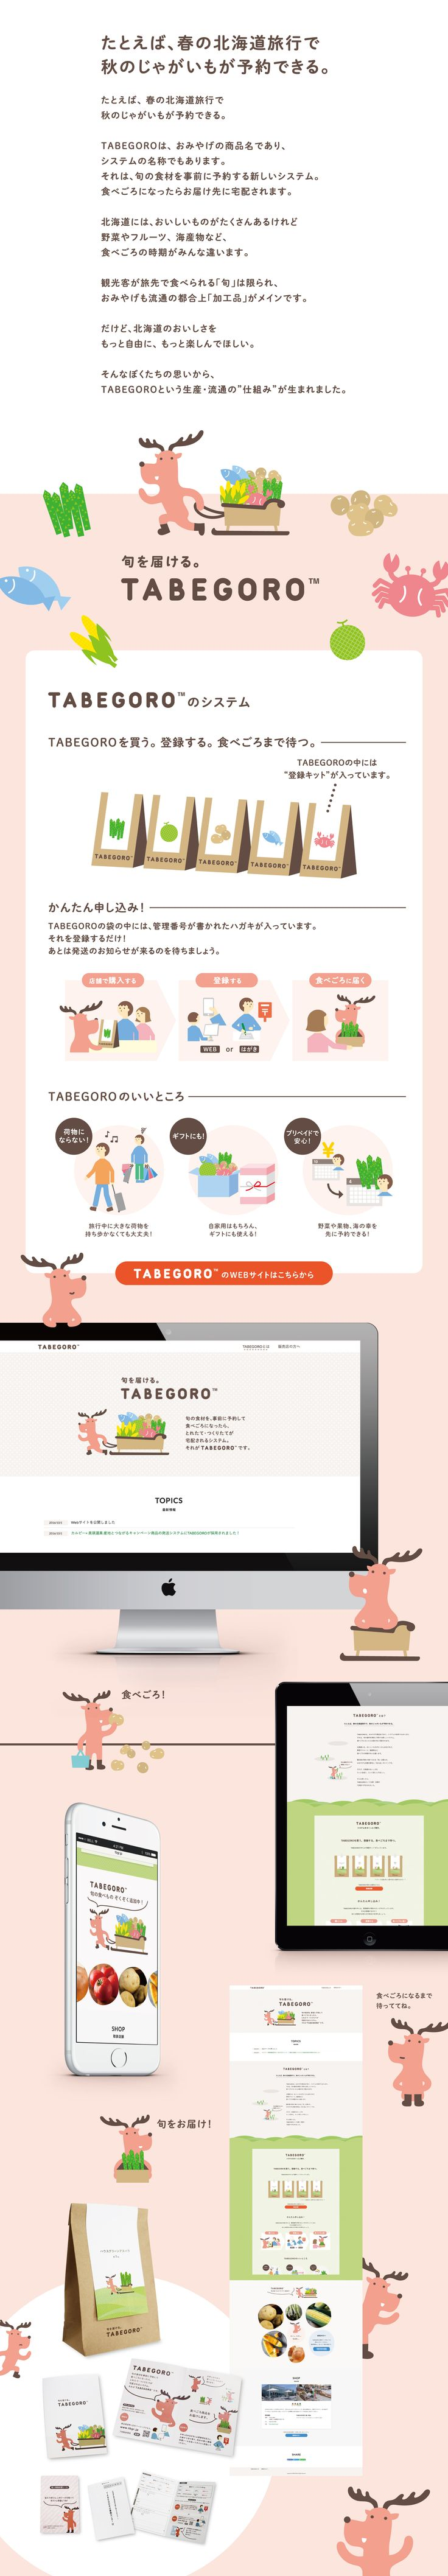 """TABEGORO / Branding + Digital design たとえば、春の北海道旅行で 秋のじゃがいもが予約できる。 TABEGOROは、おみやげの商品名であり、 システムの名称でもあります。 それは、旬の食材を事前に予約する新しいシステム。 食べごろになったらお届け先に宅配されます。 北海道には、おいしいものがたくさんあるけれど 野菜やフルーツ、海産物など、 食べごろの時期がみんな違います。 観光客が旅先で食べられる「旬」は限られ、 おみやげも流通の都合上「加工品」がメインです。 だけど、北海道のおいしさを もっと自由に、もっと楽しんでほしい。 そんなぼくたちの思いから、 TABEGOROという生産・流通の""""仕組み""""が生まれました。"""